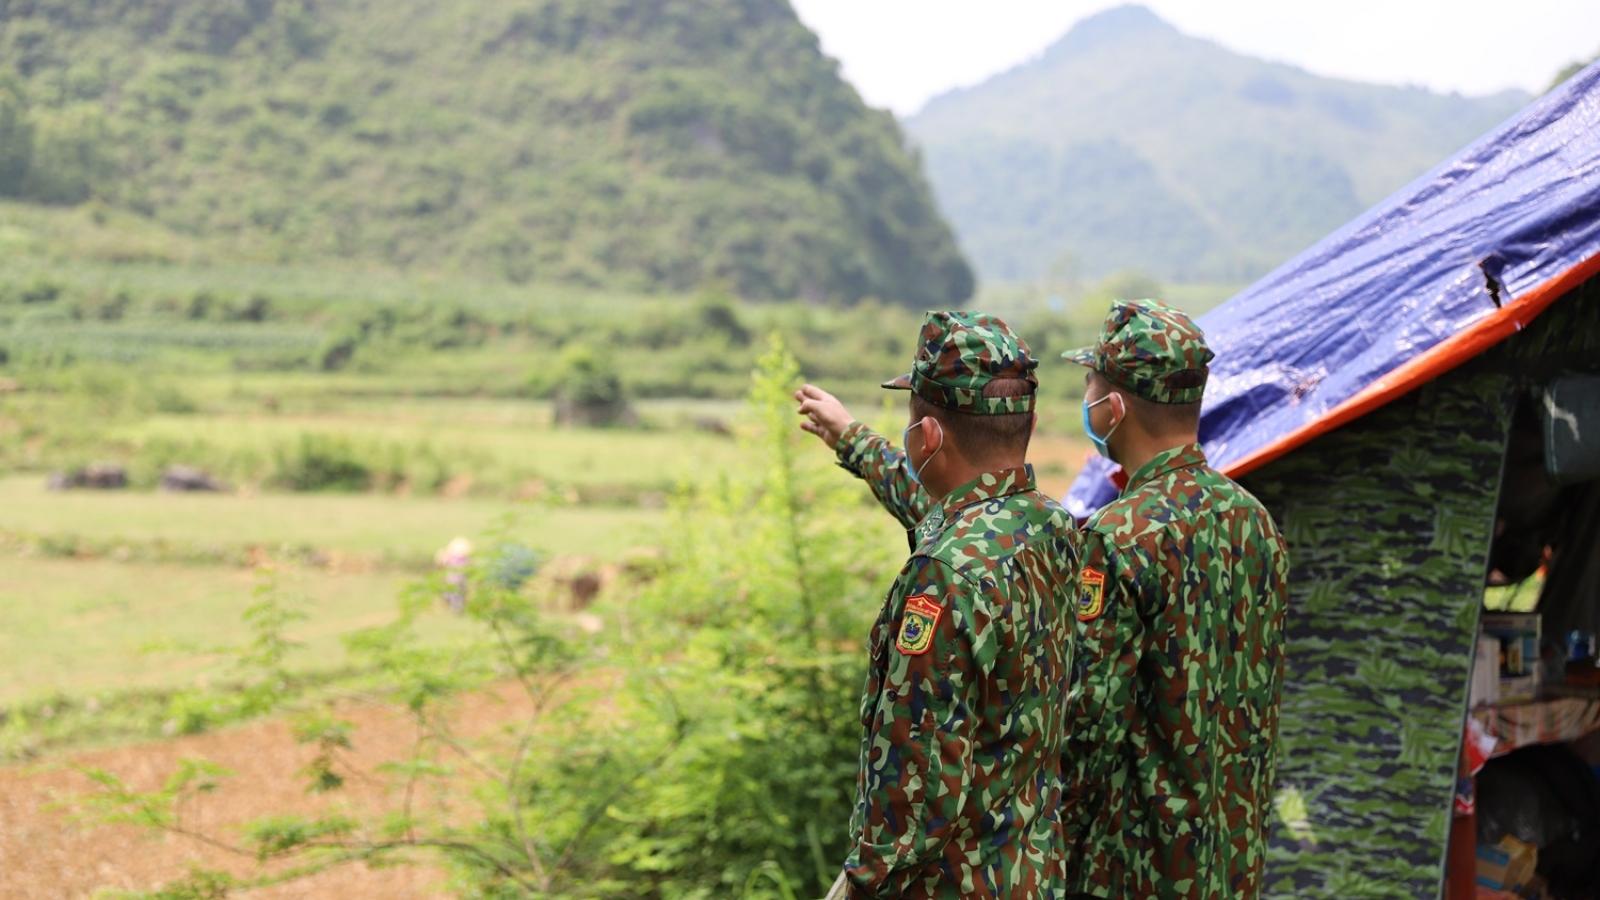 Ngăn chặn xuất, nhập cảnh trái phép nơi thượng nguồn sông Quây Sơn